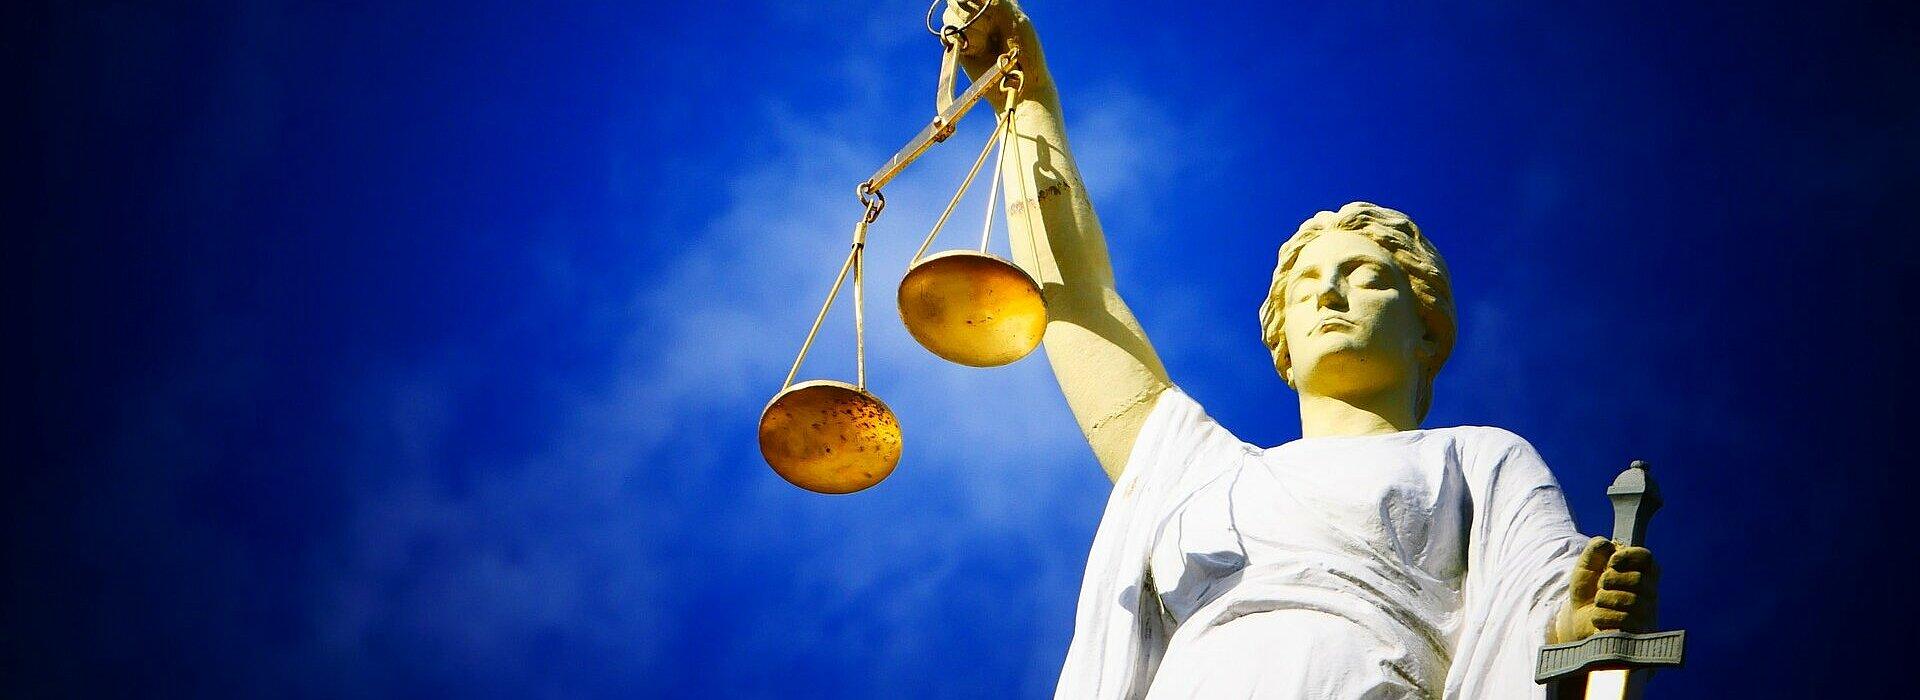 Imagem de uma estátua segurando uma balança, objeto símbolo do julgamento.